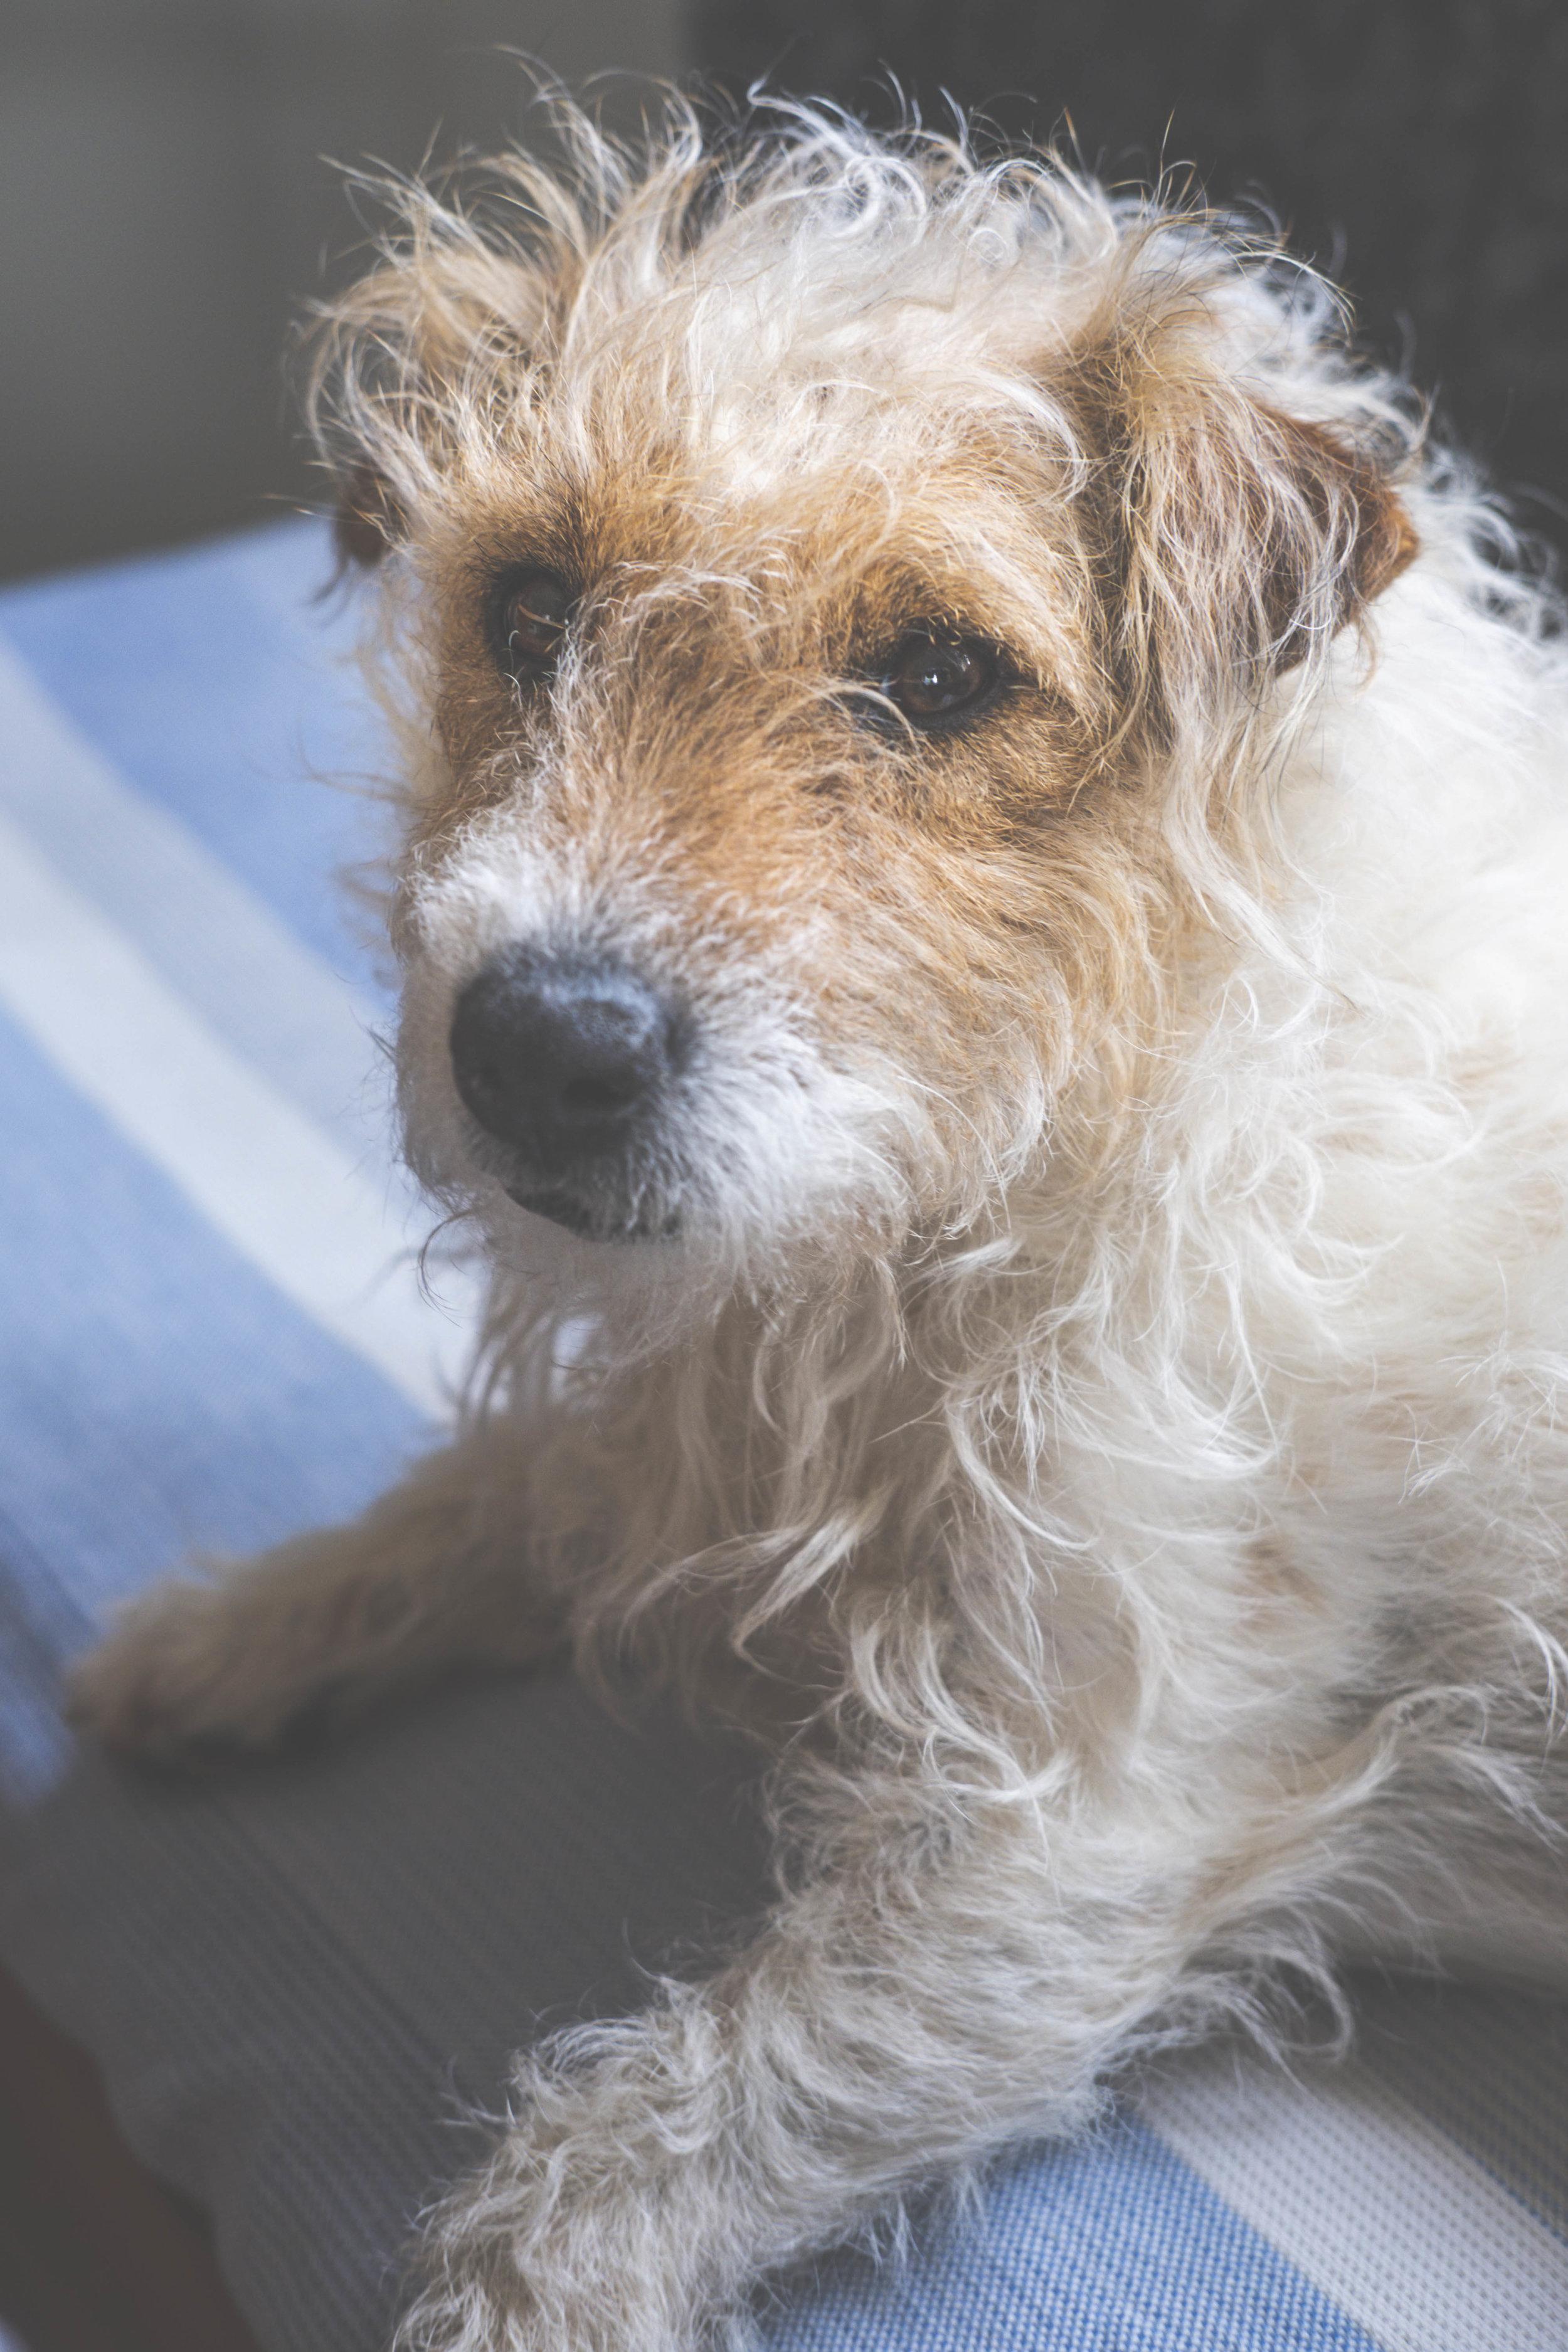 Hunden Chimmie på kökssoffan. FOTO: Mattias Färnstrand, Kuxagruppen AB